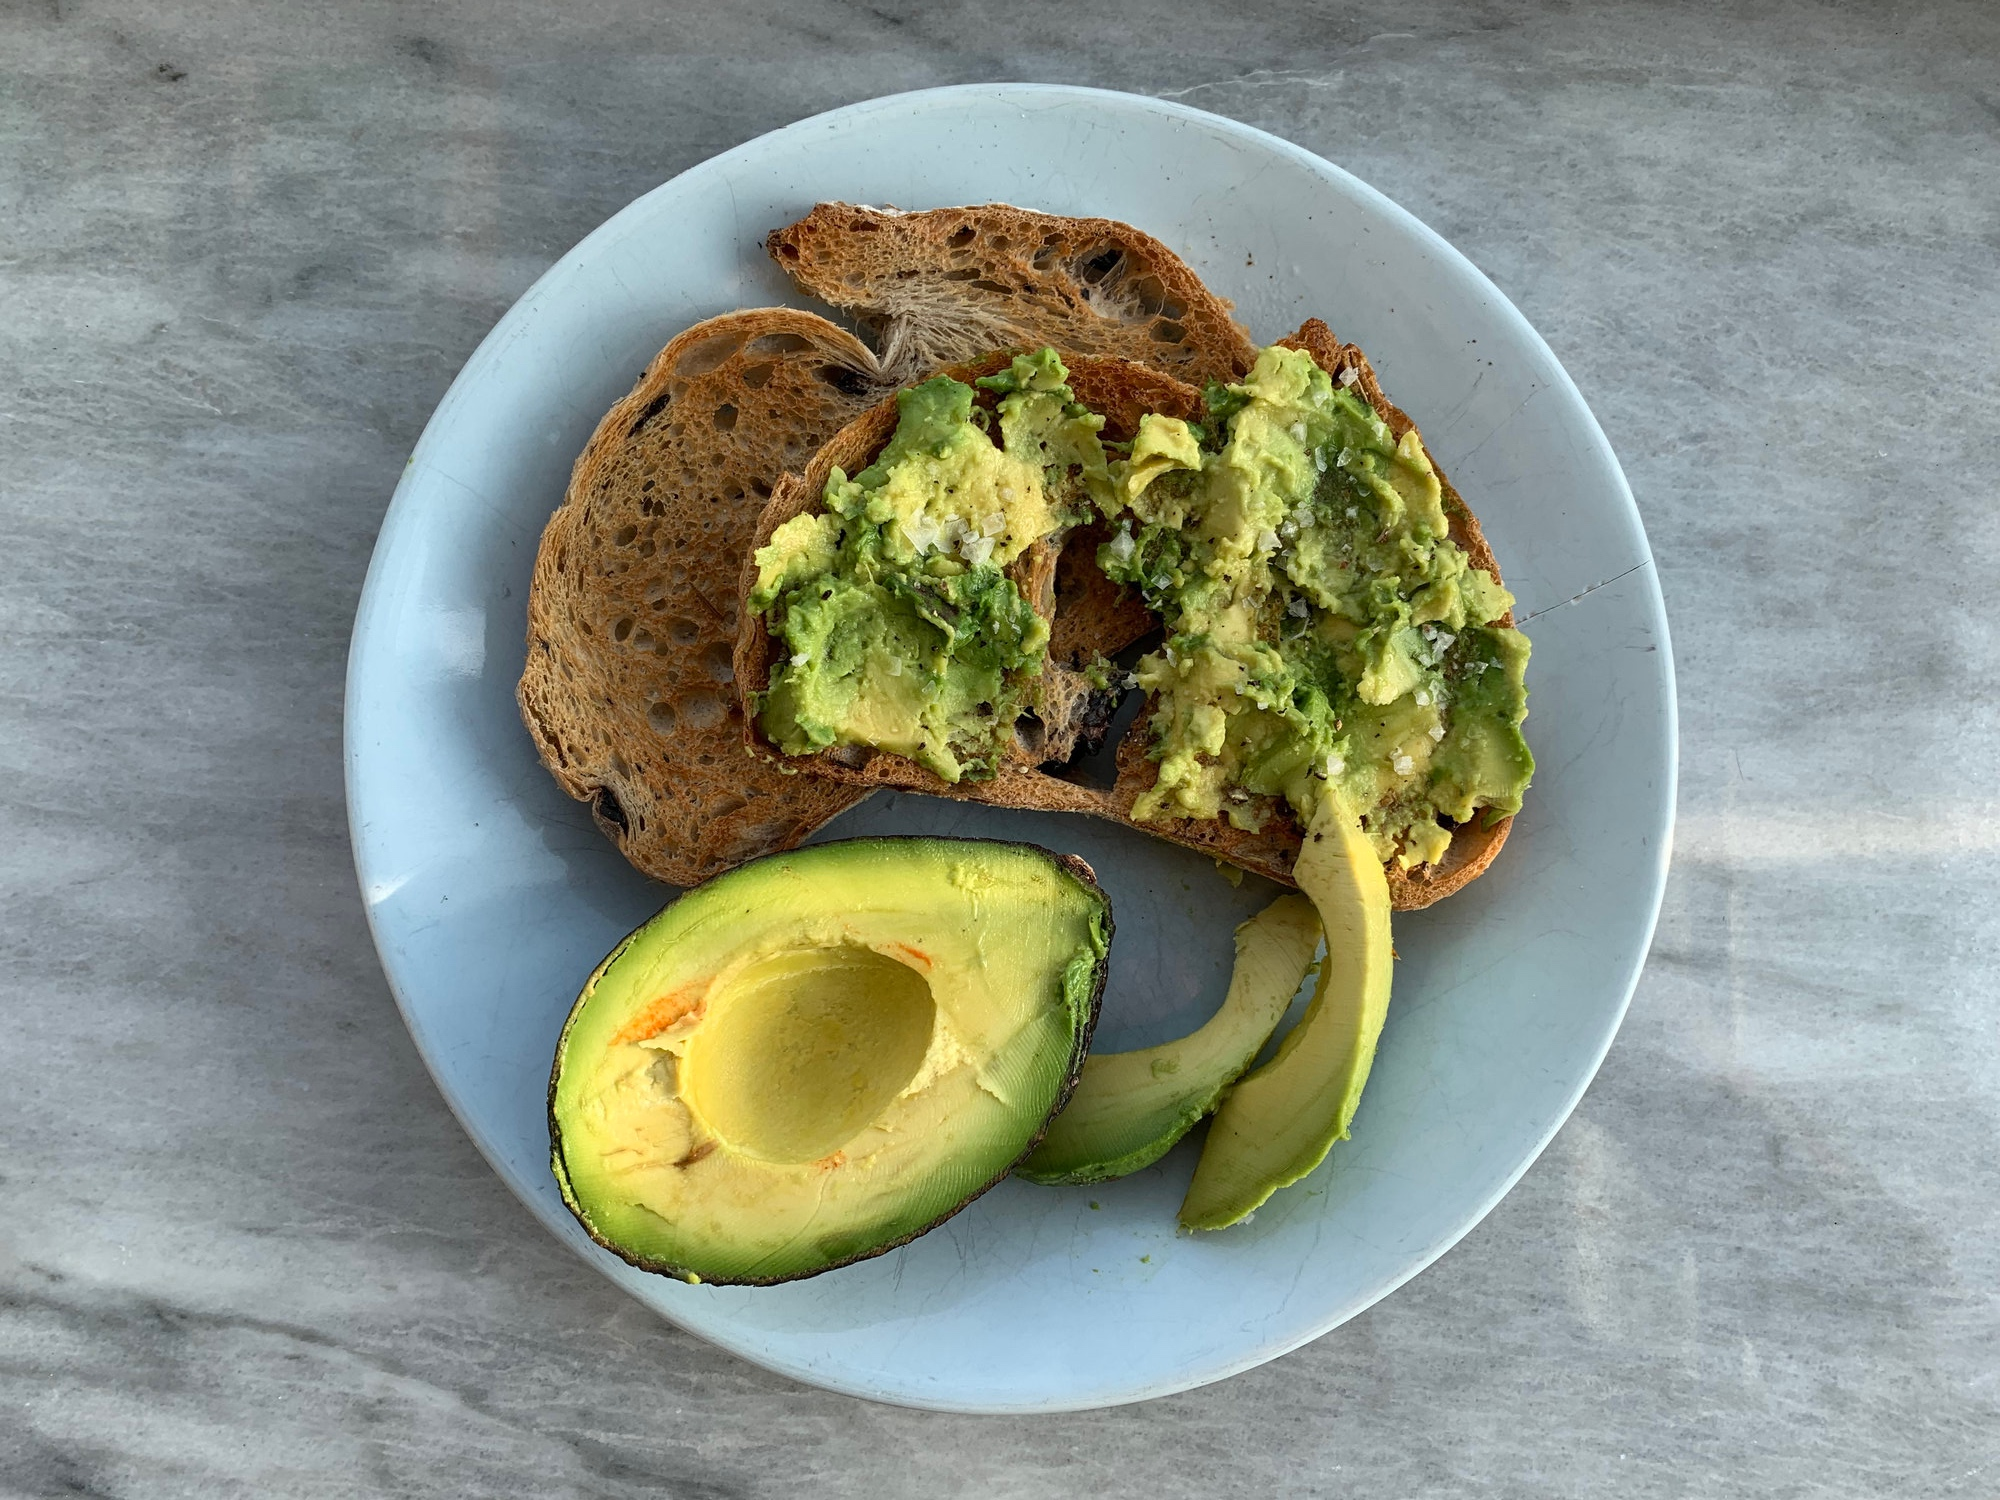 I love avocado on toast on a Saturday morning!